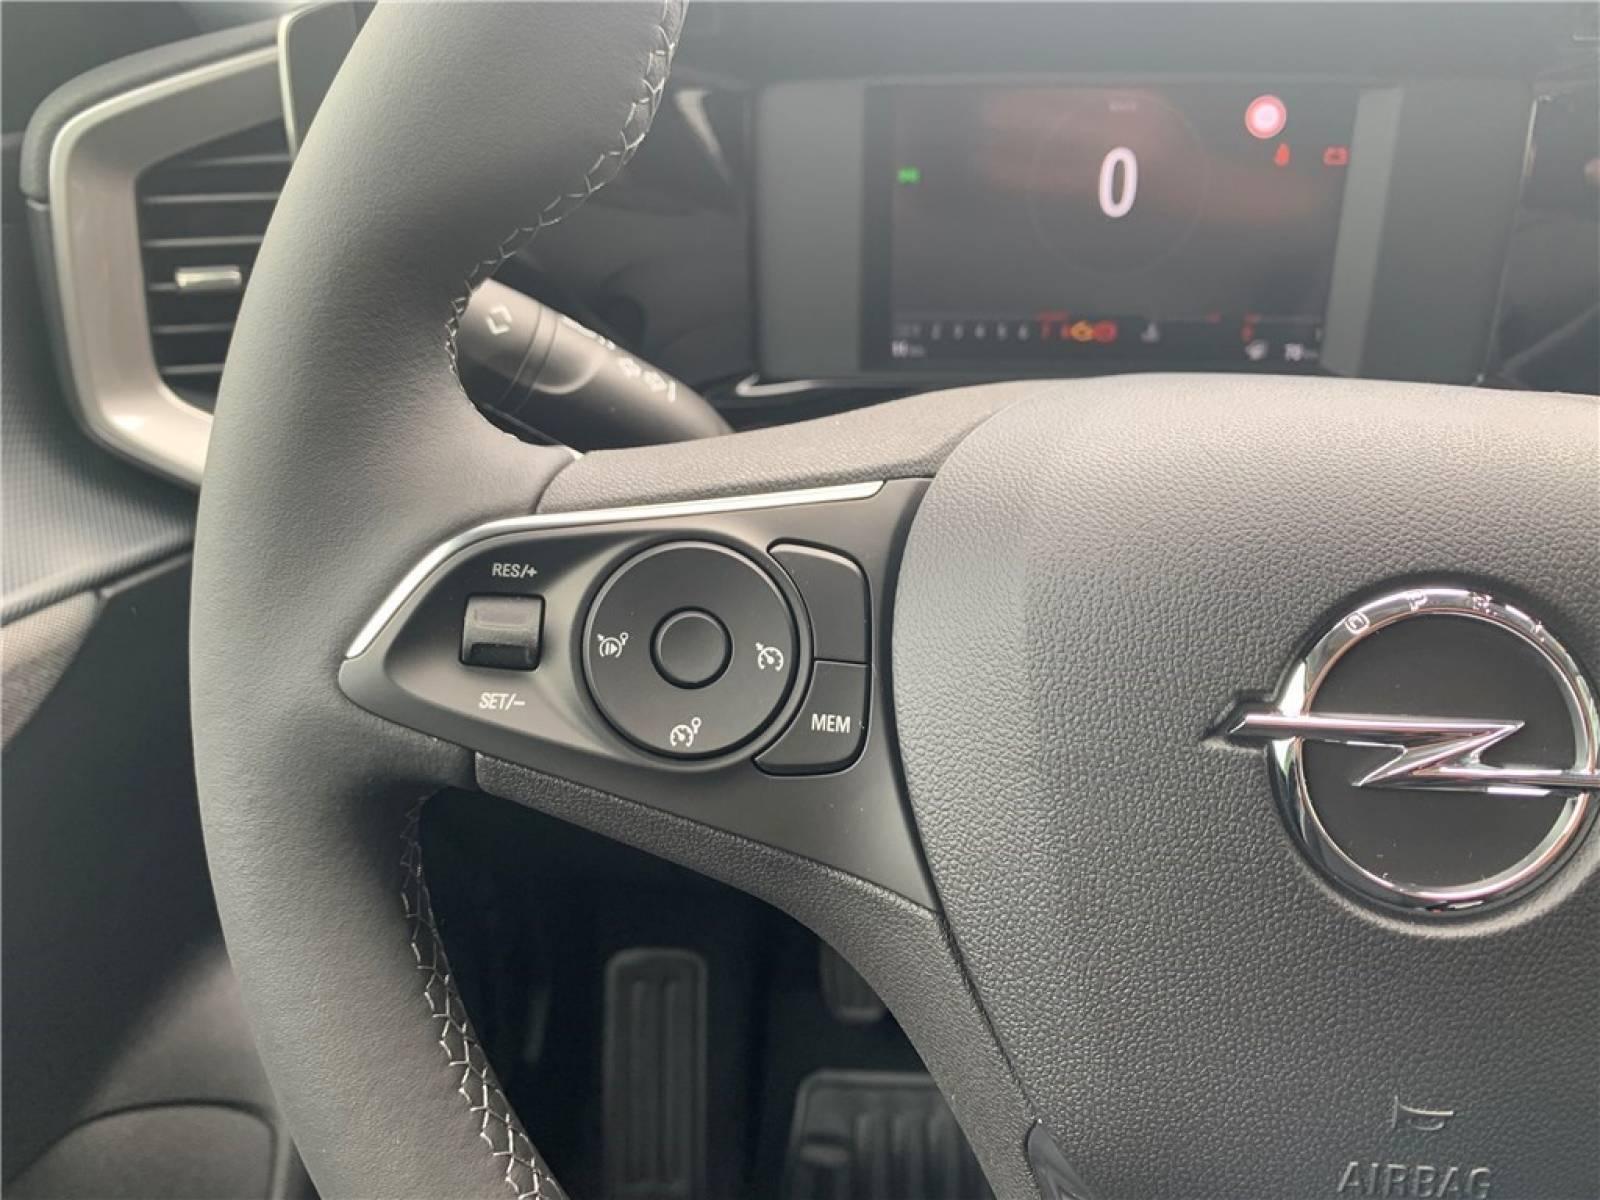 OPEL Mokka 1.2 Turbo 100 ch BVM6 - véhicule d'occasion - Groupe Guillet - Opel Magicauto - Montceau-les-Mines - 71300 - Montceau-les-Mines - 16